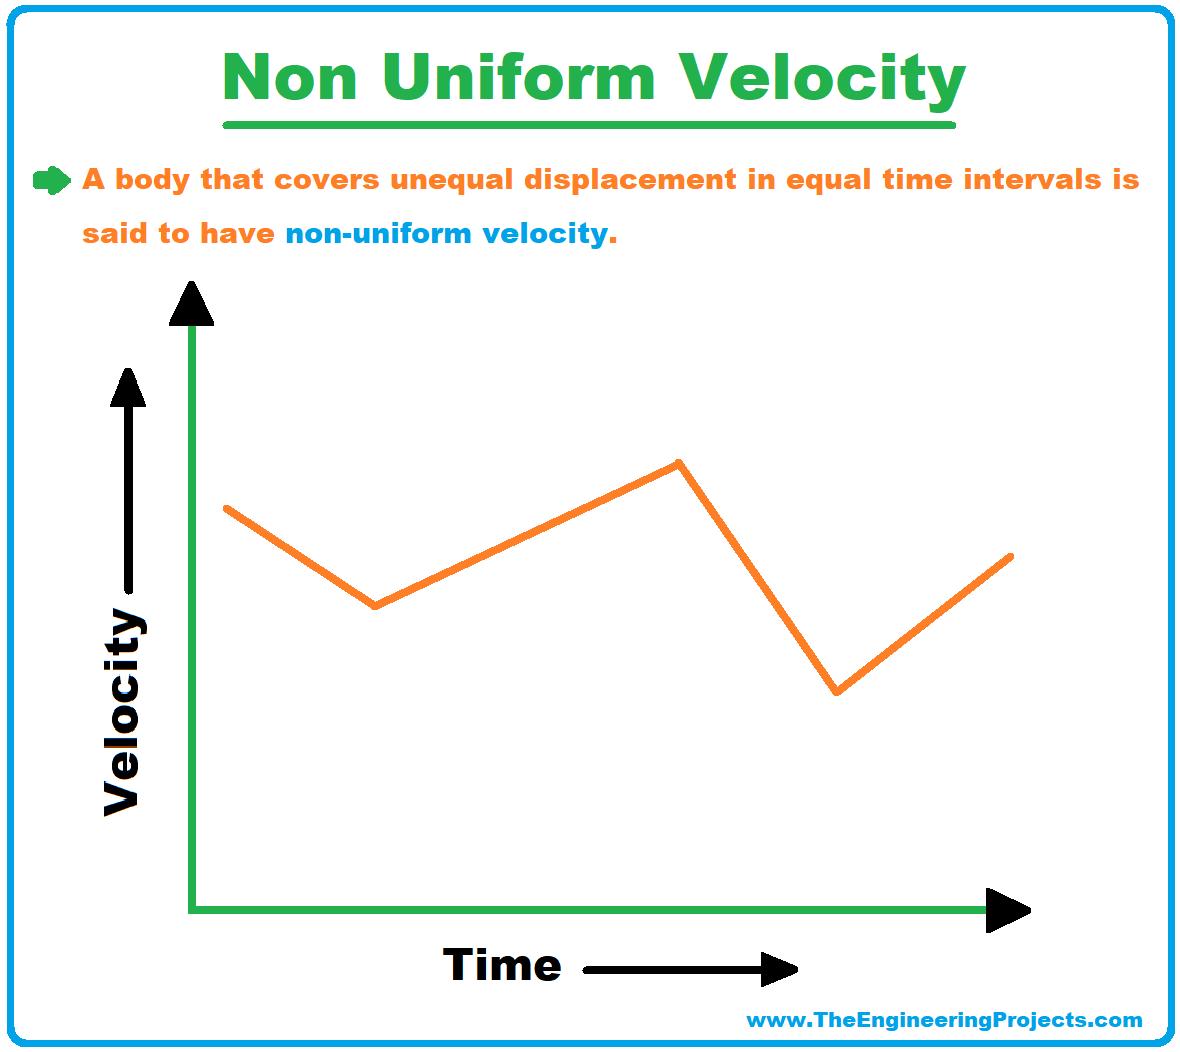 velocity, what is velocity, non uniform velocity, non uniform velocity definition, definition of non uniform velocity, non uniform velocity formula, formula of non uniform velocity, non uniform velocity graph